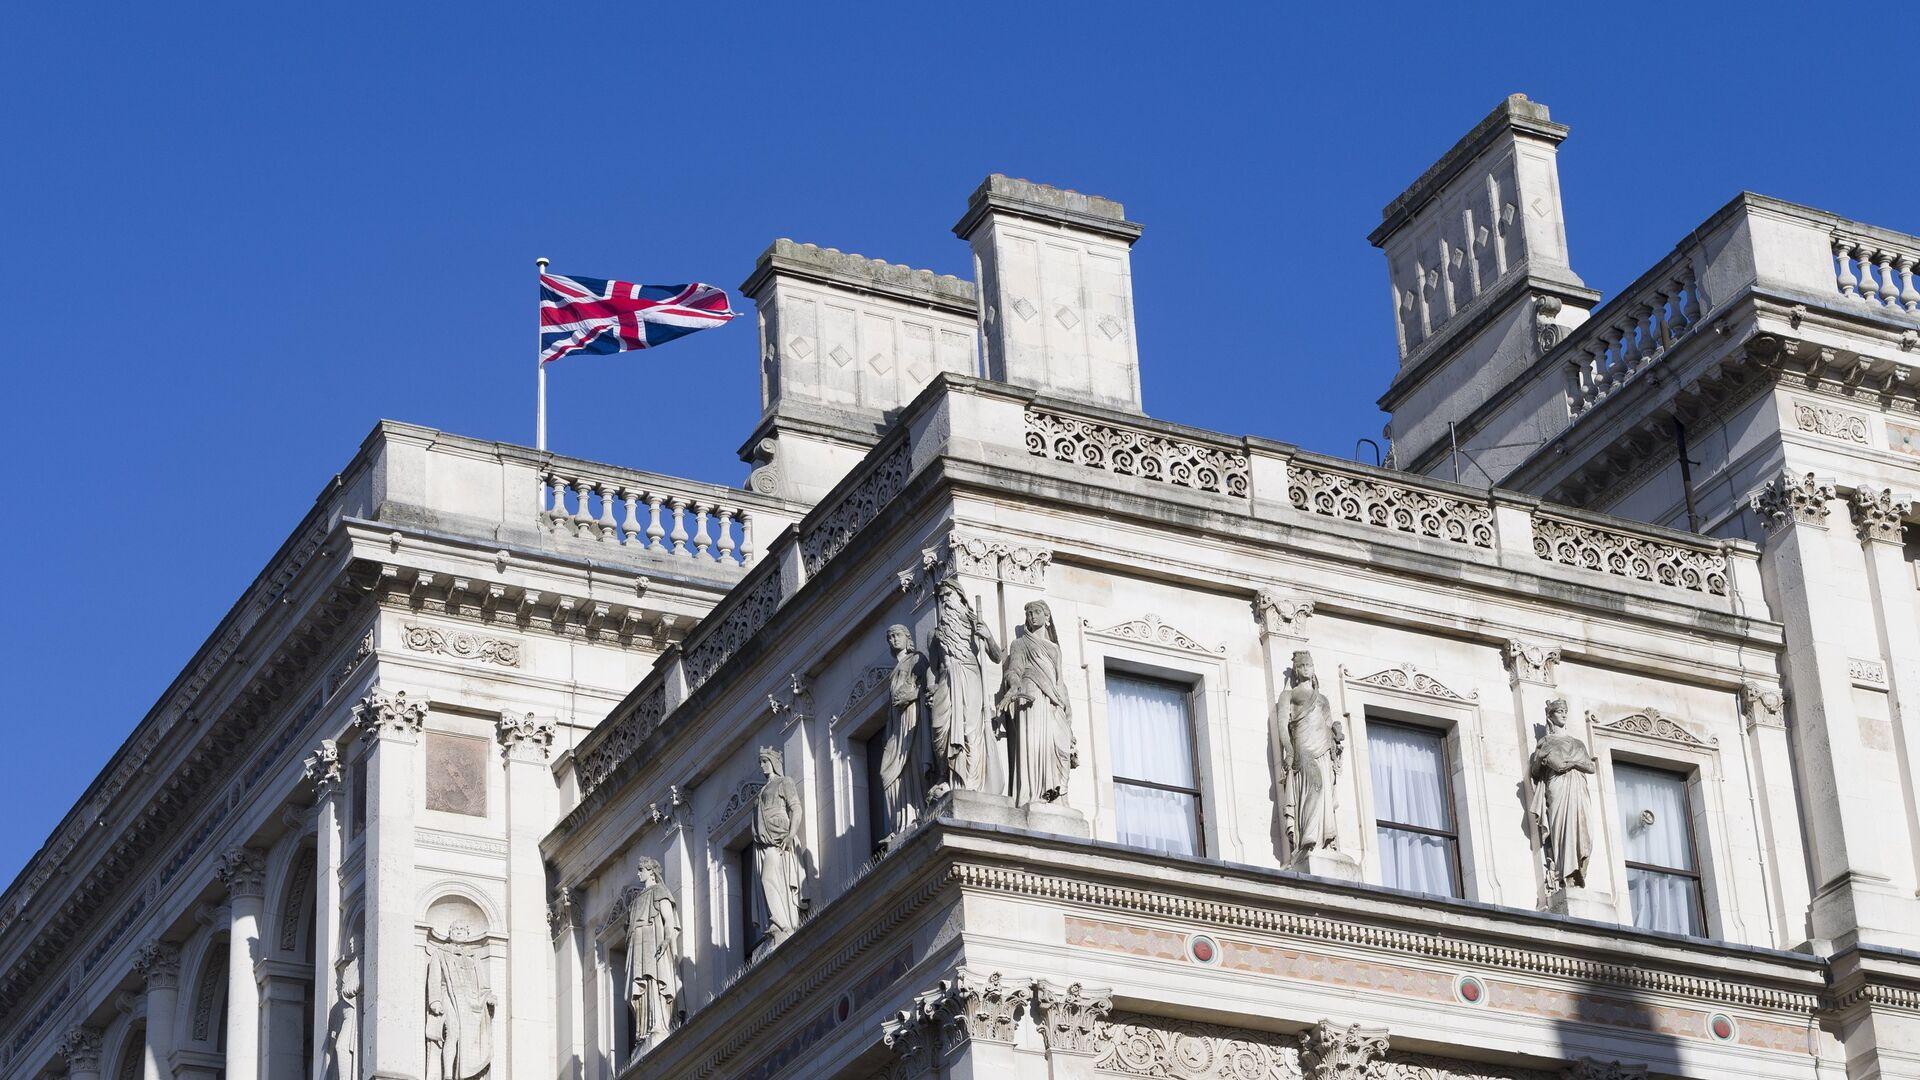 Здание МИД Великобритании в Лондоне - РИА Новости, 1920, 01.08.2021